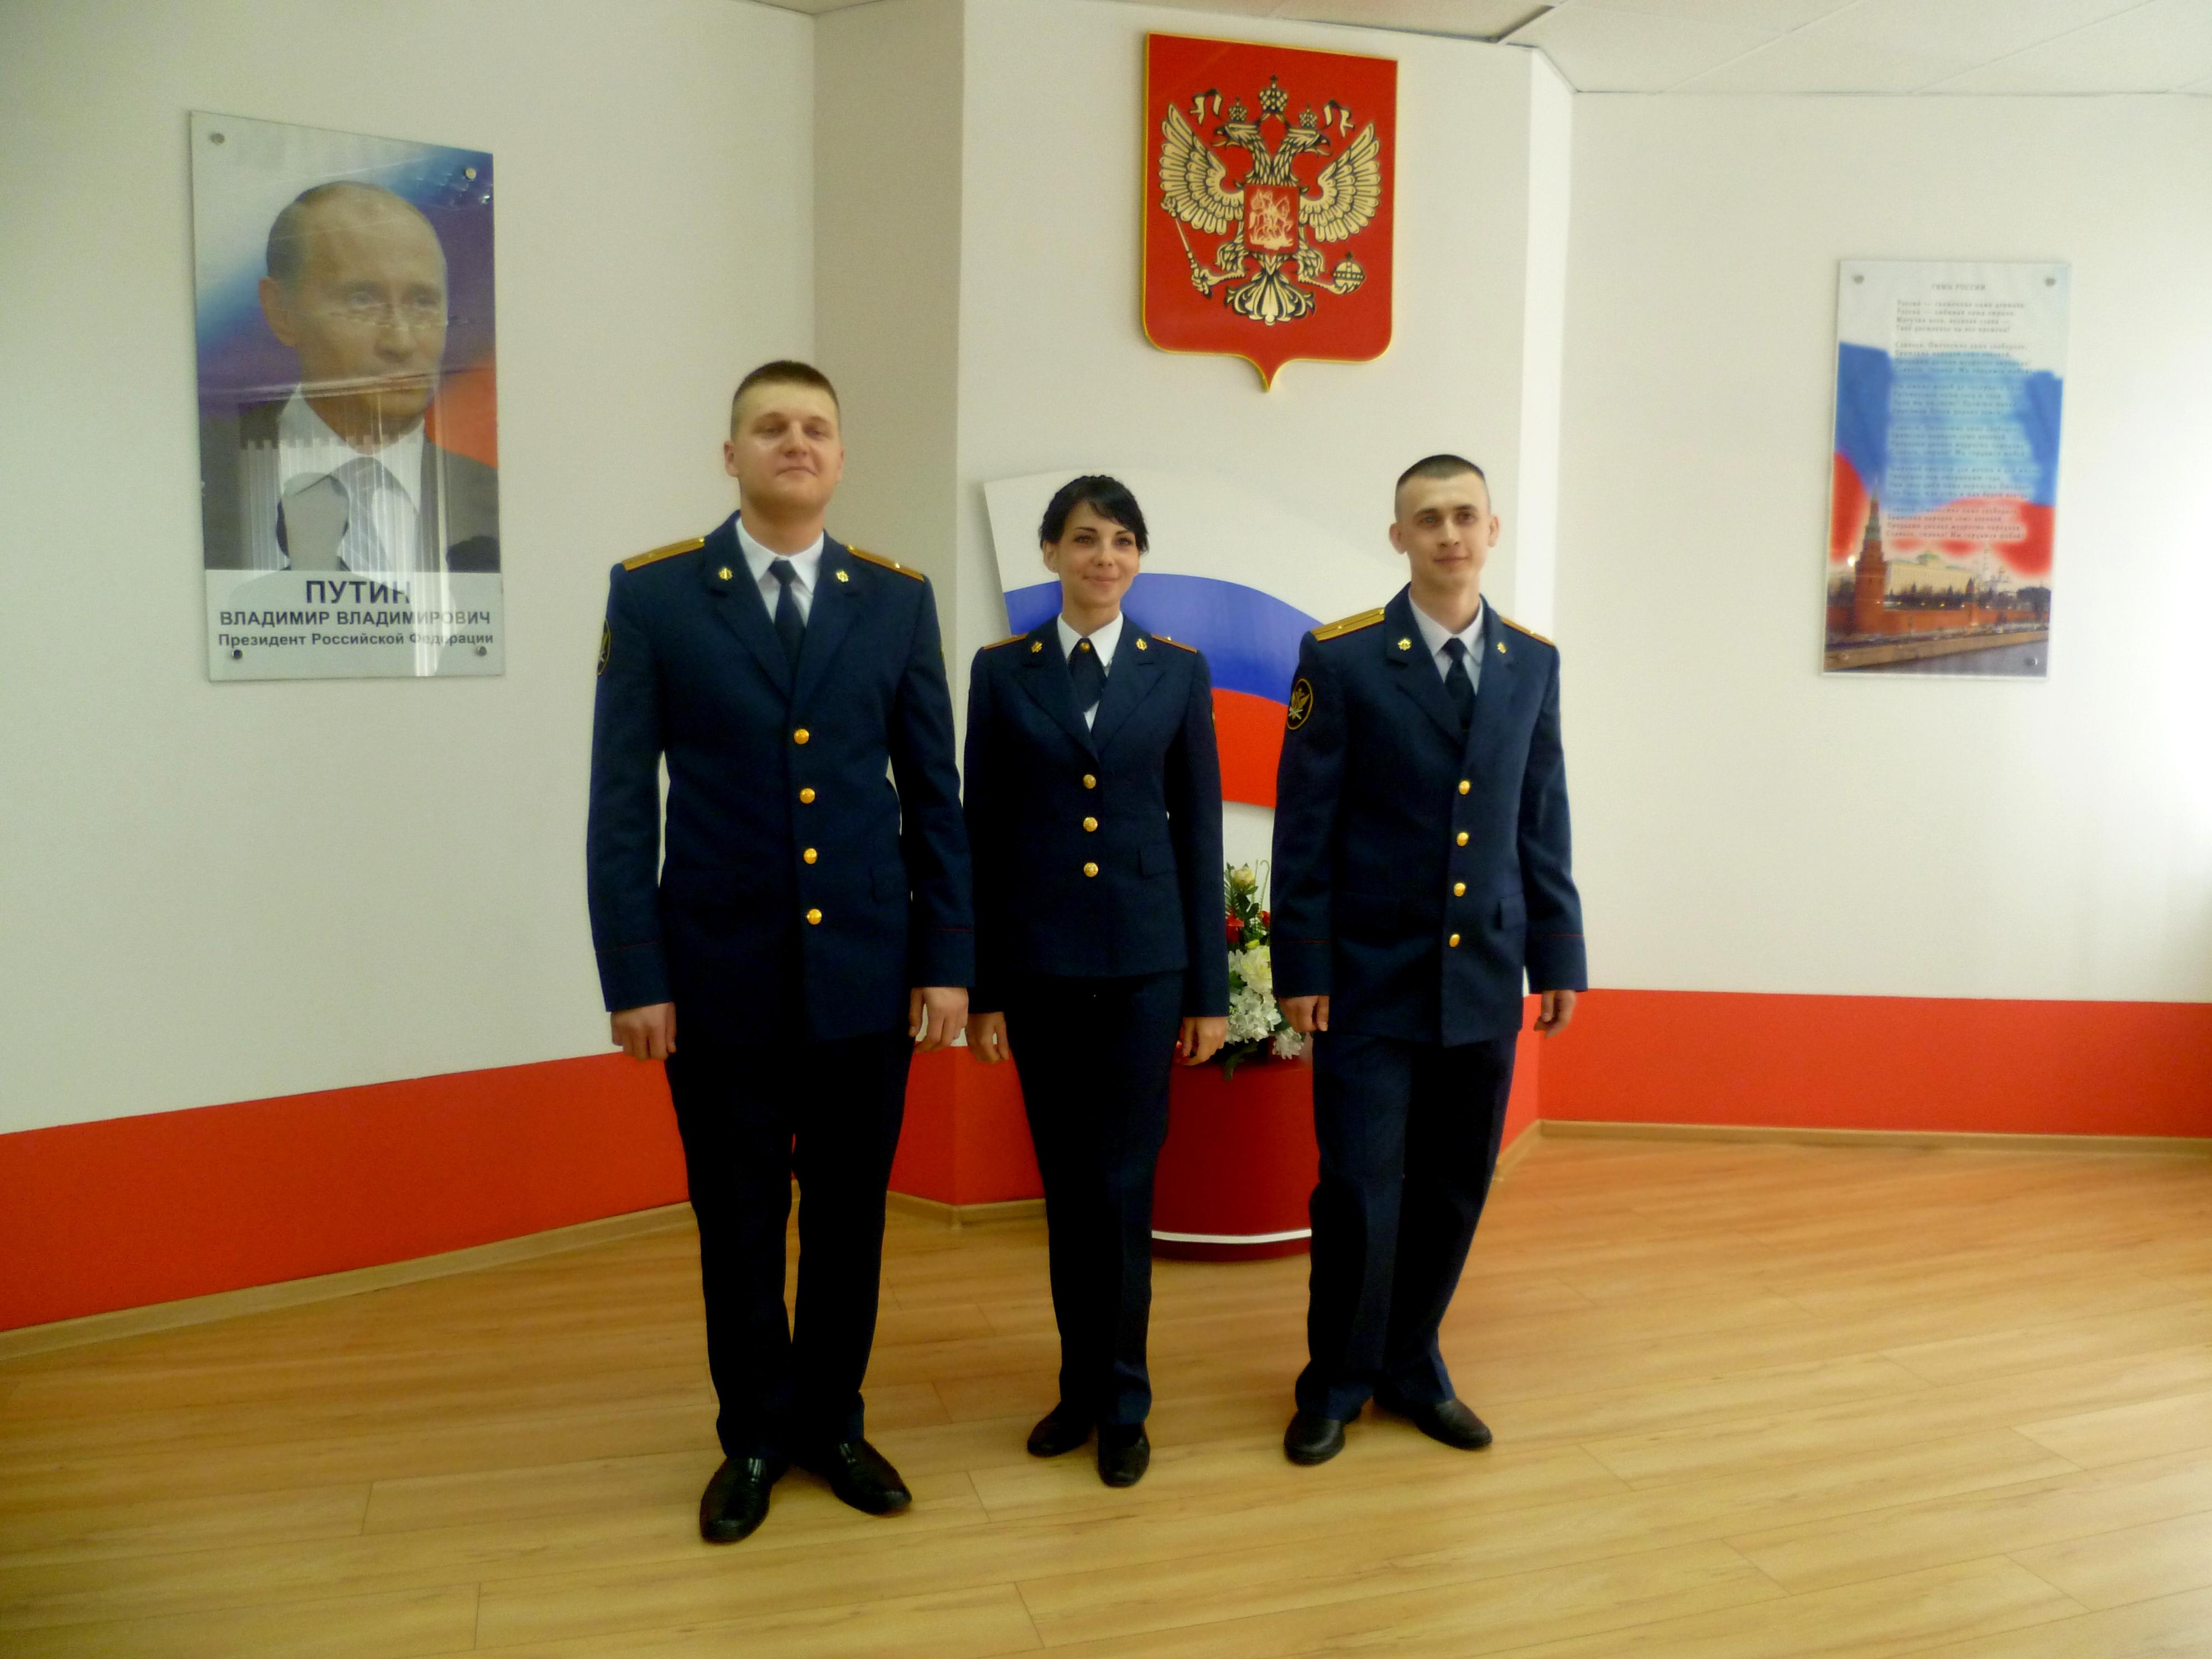 Трое курсантов Вологодского института права и экономики отправятся на прием к Владимиру Путину